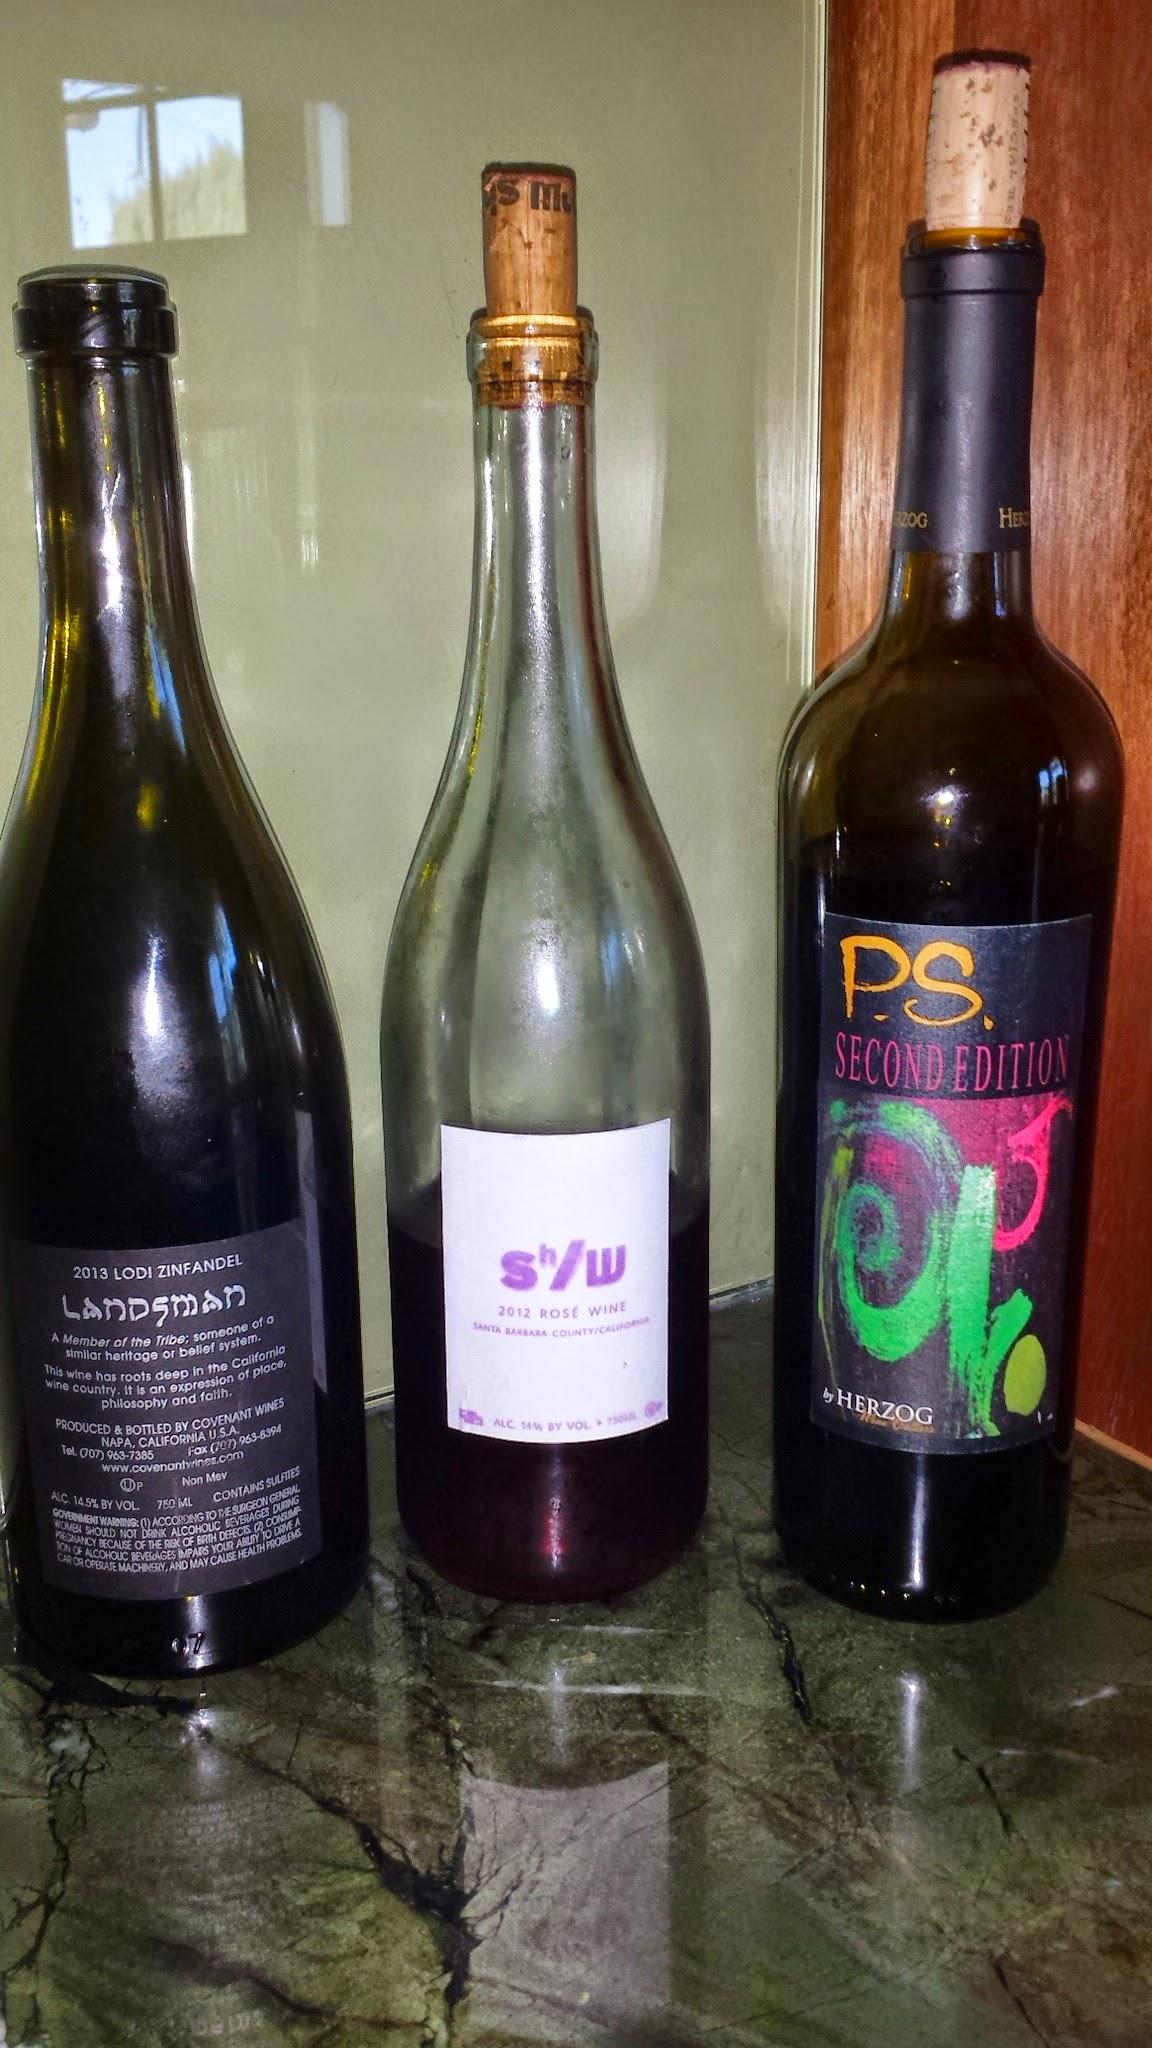 2013 Landsman Zinfandel, 2012 Shirah Rose, and 2009 Herzog PS2